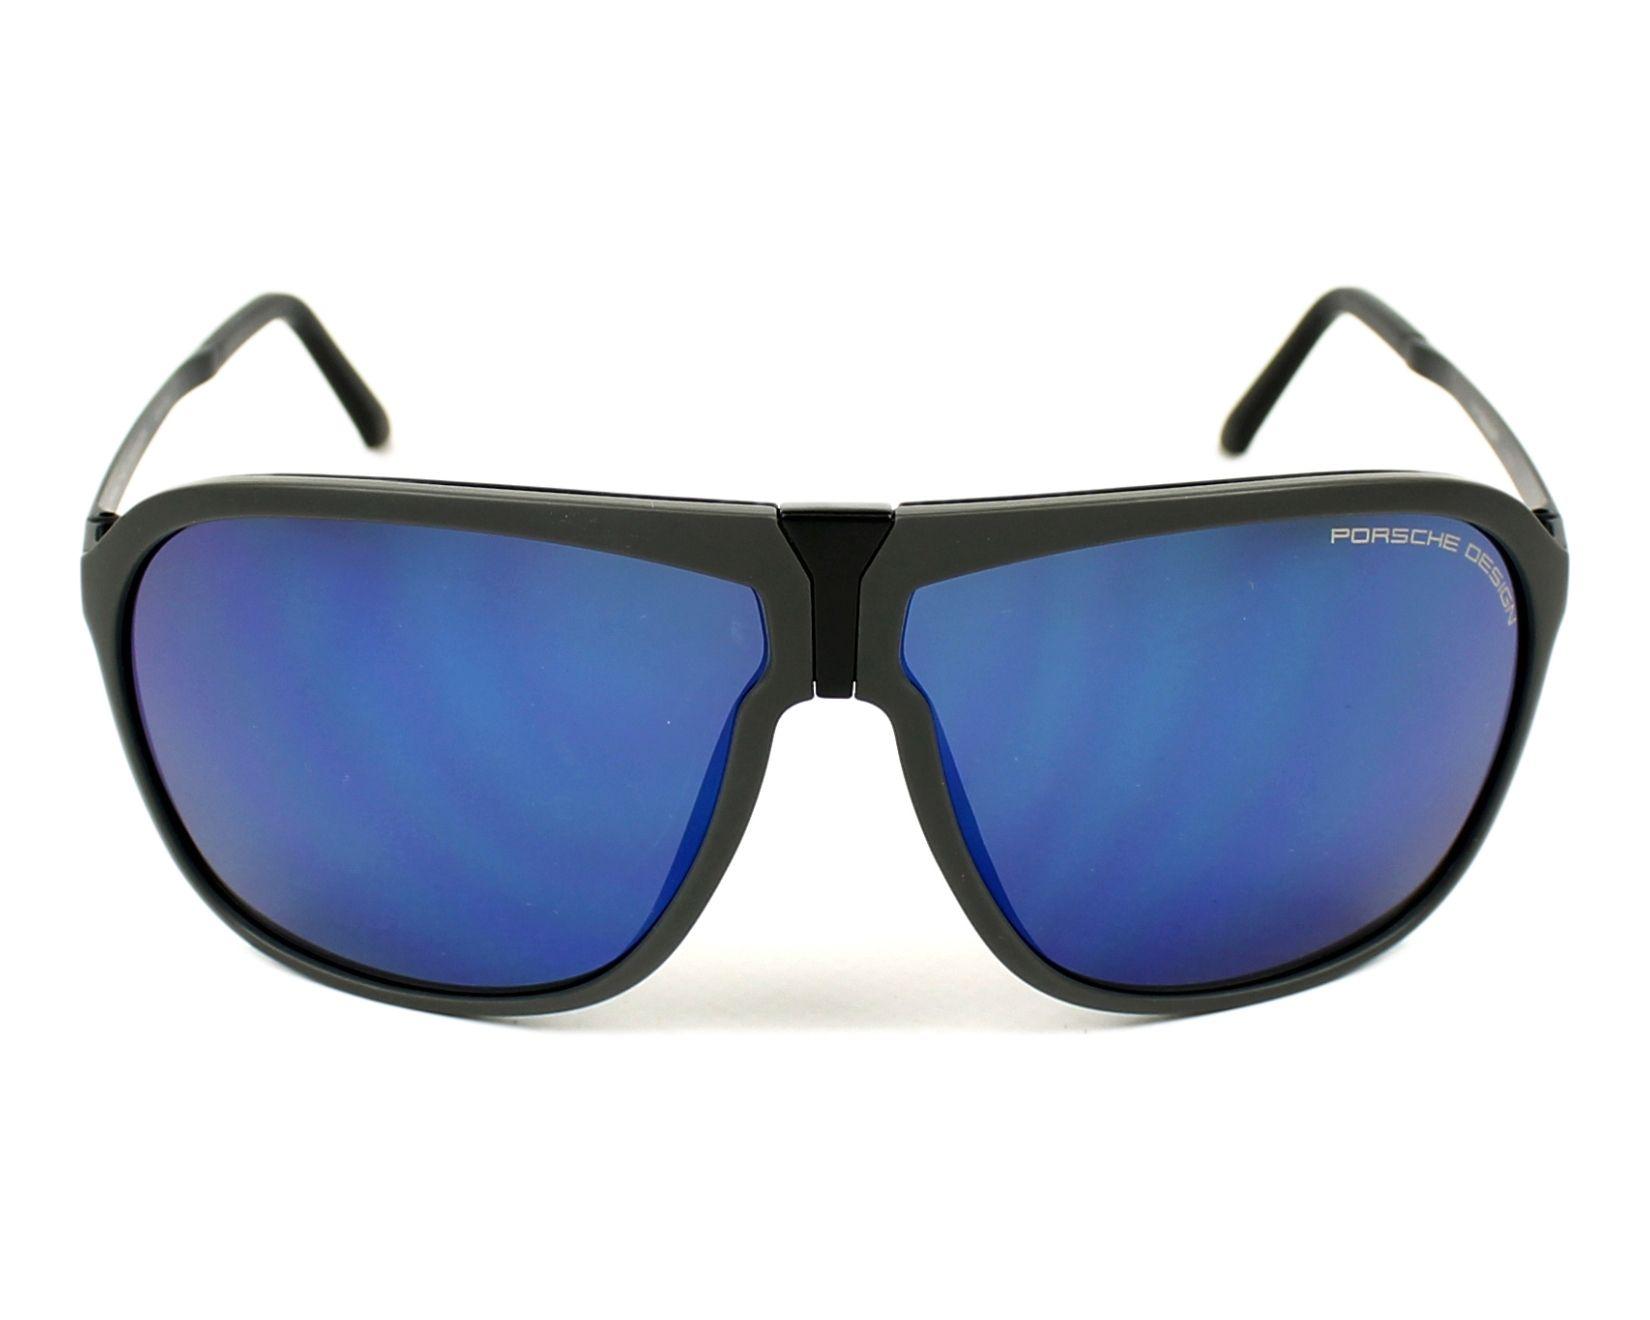 lunettes de soleil porsche design p 8618 b noir visionet. Black Bedroom Furniture Sets. Home Design Ideas